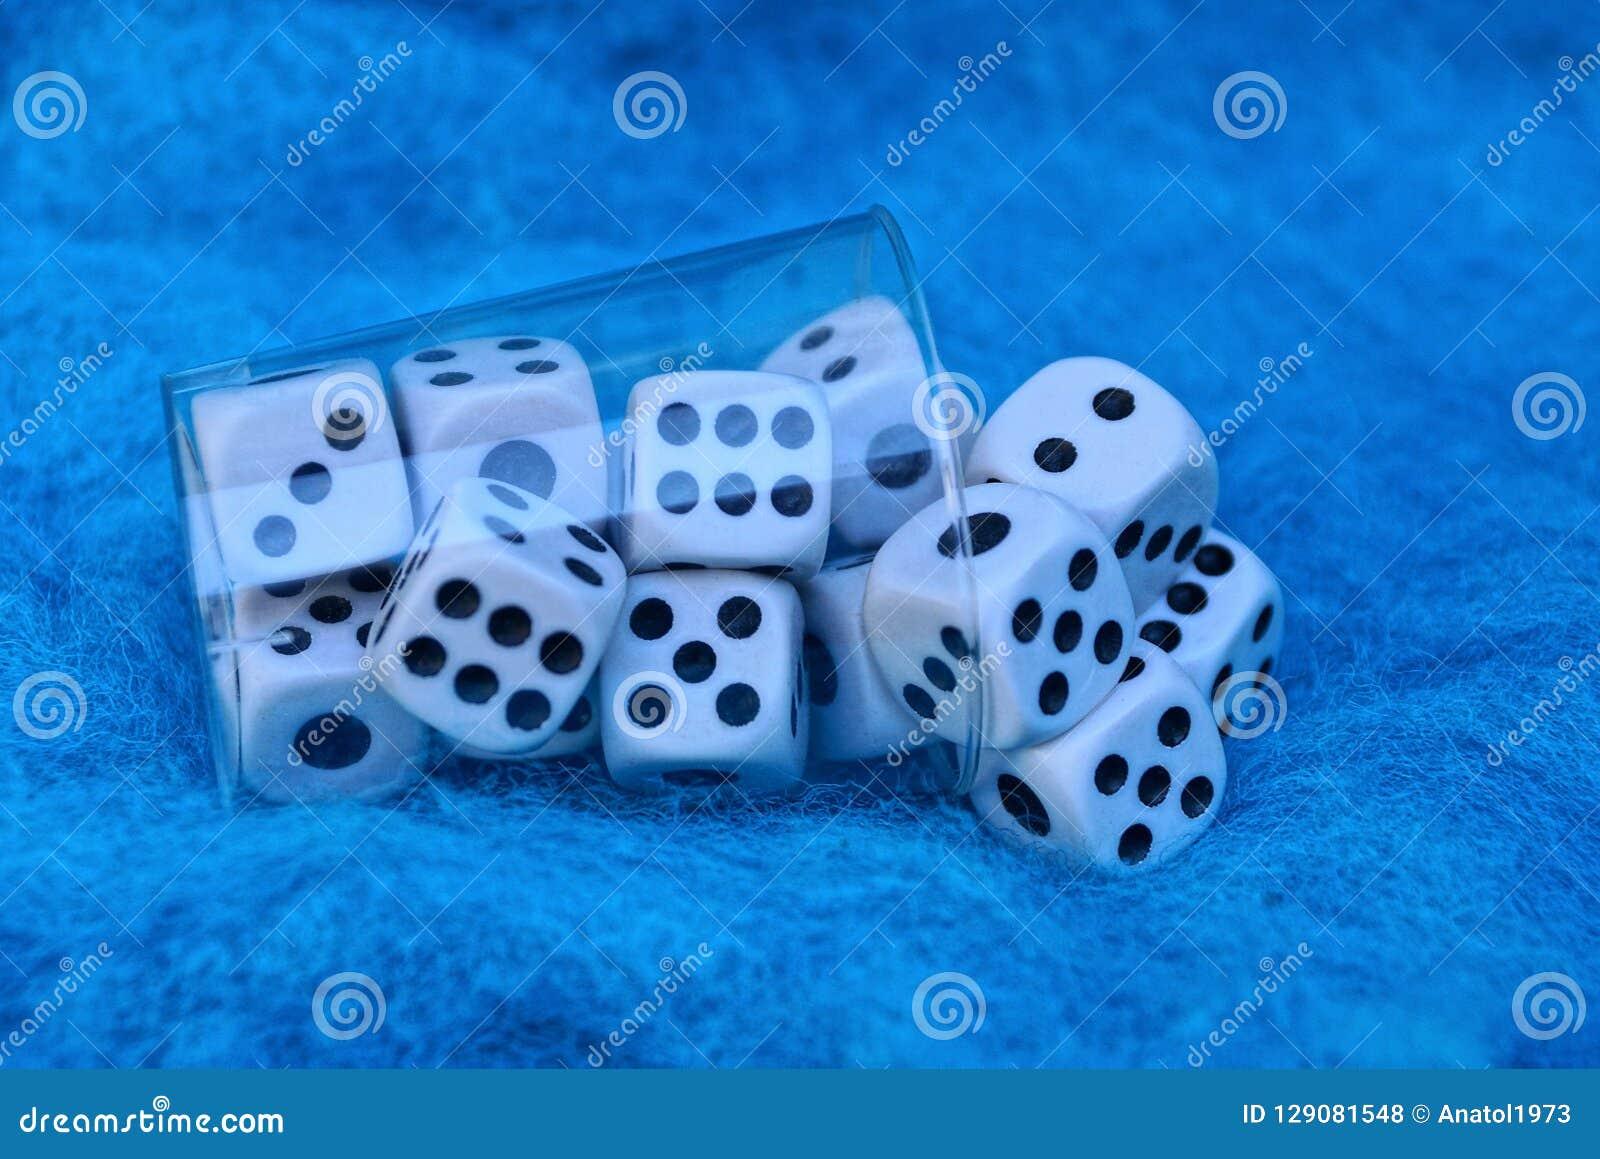 Jasna plastikowa filiżanka z białymi kostkami do gry na błękitnej wełny tkaninie